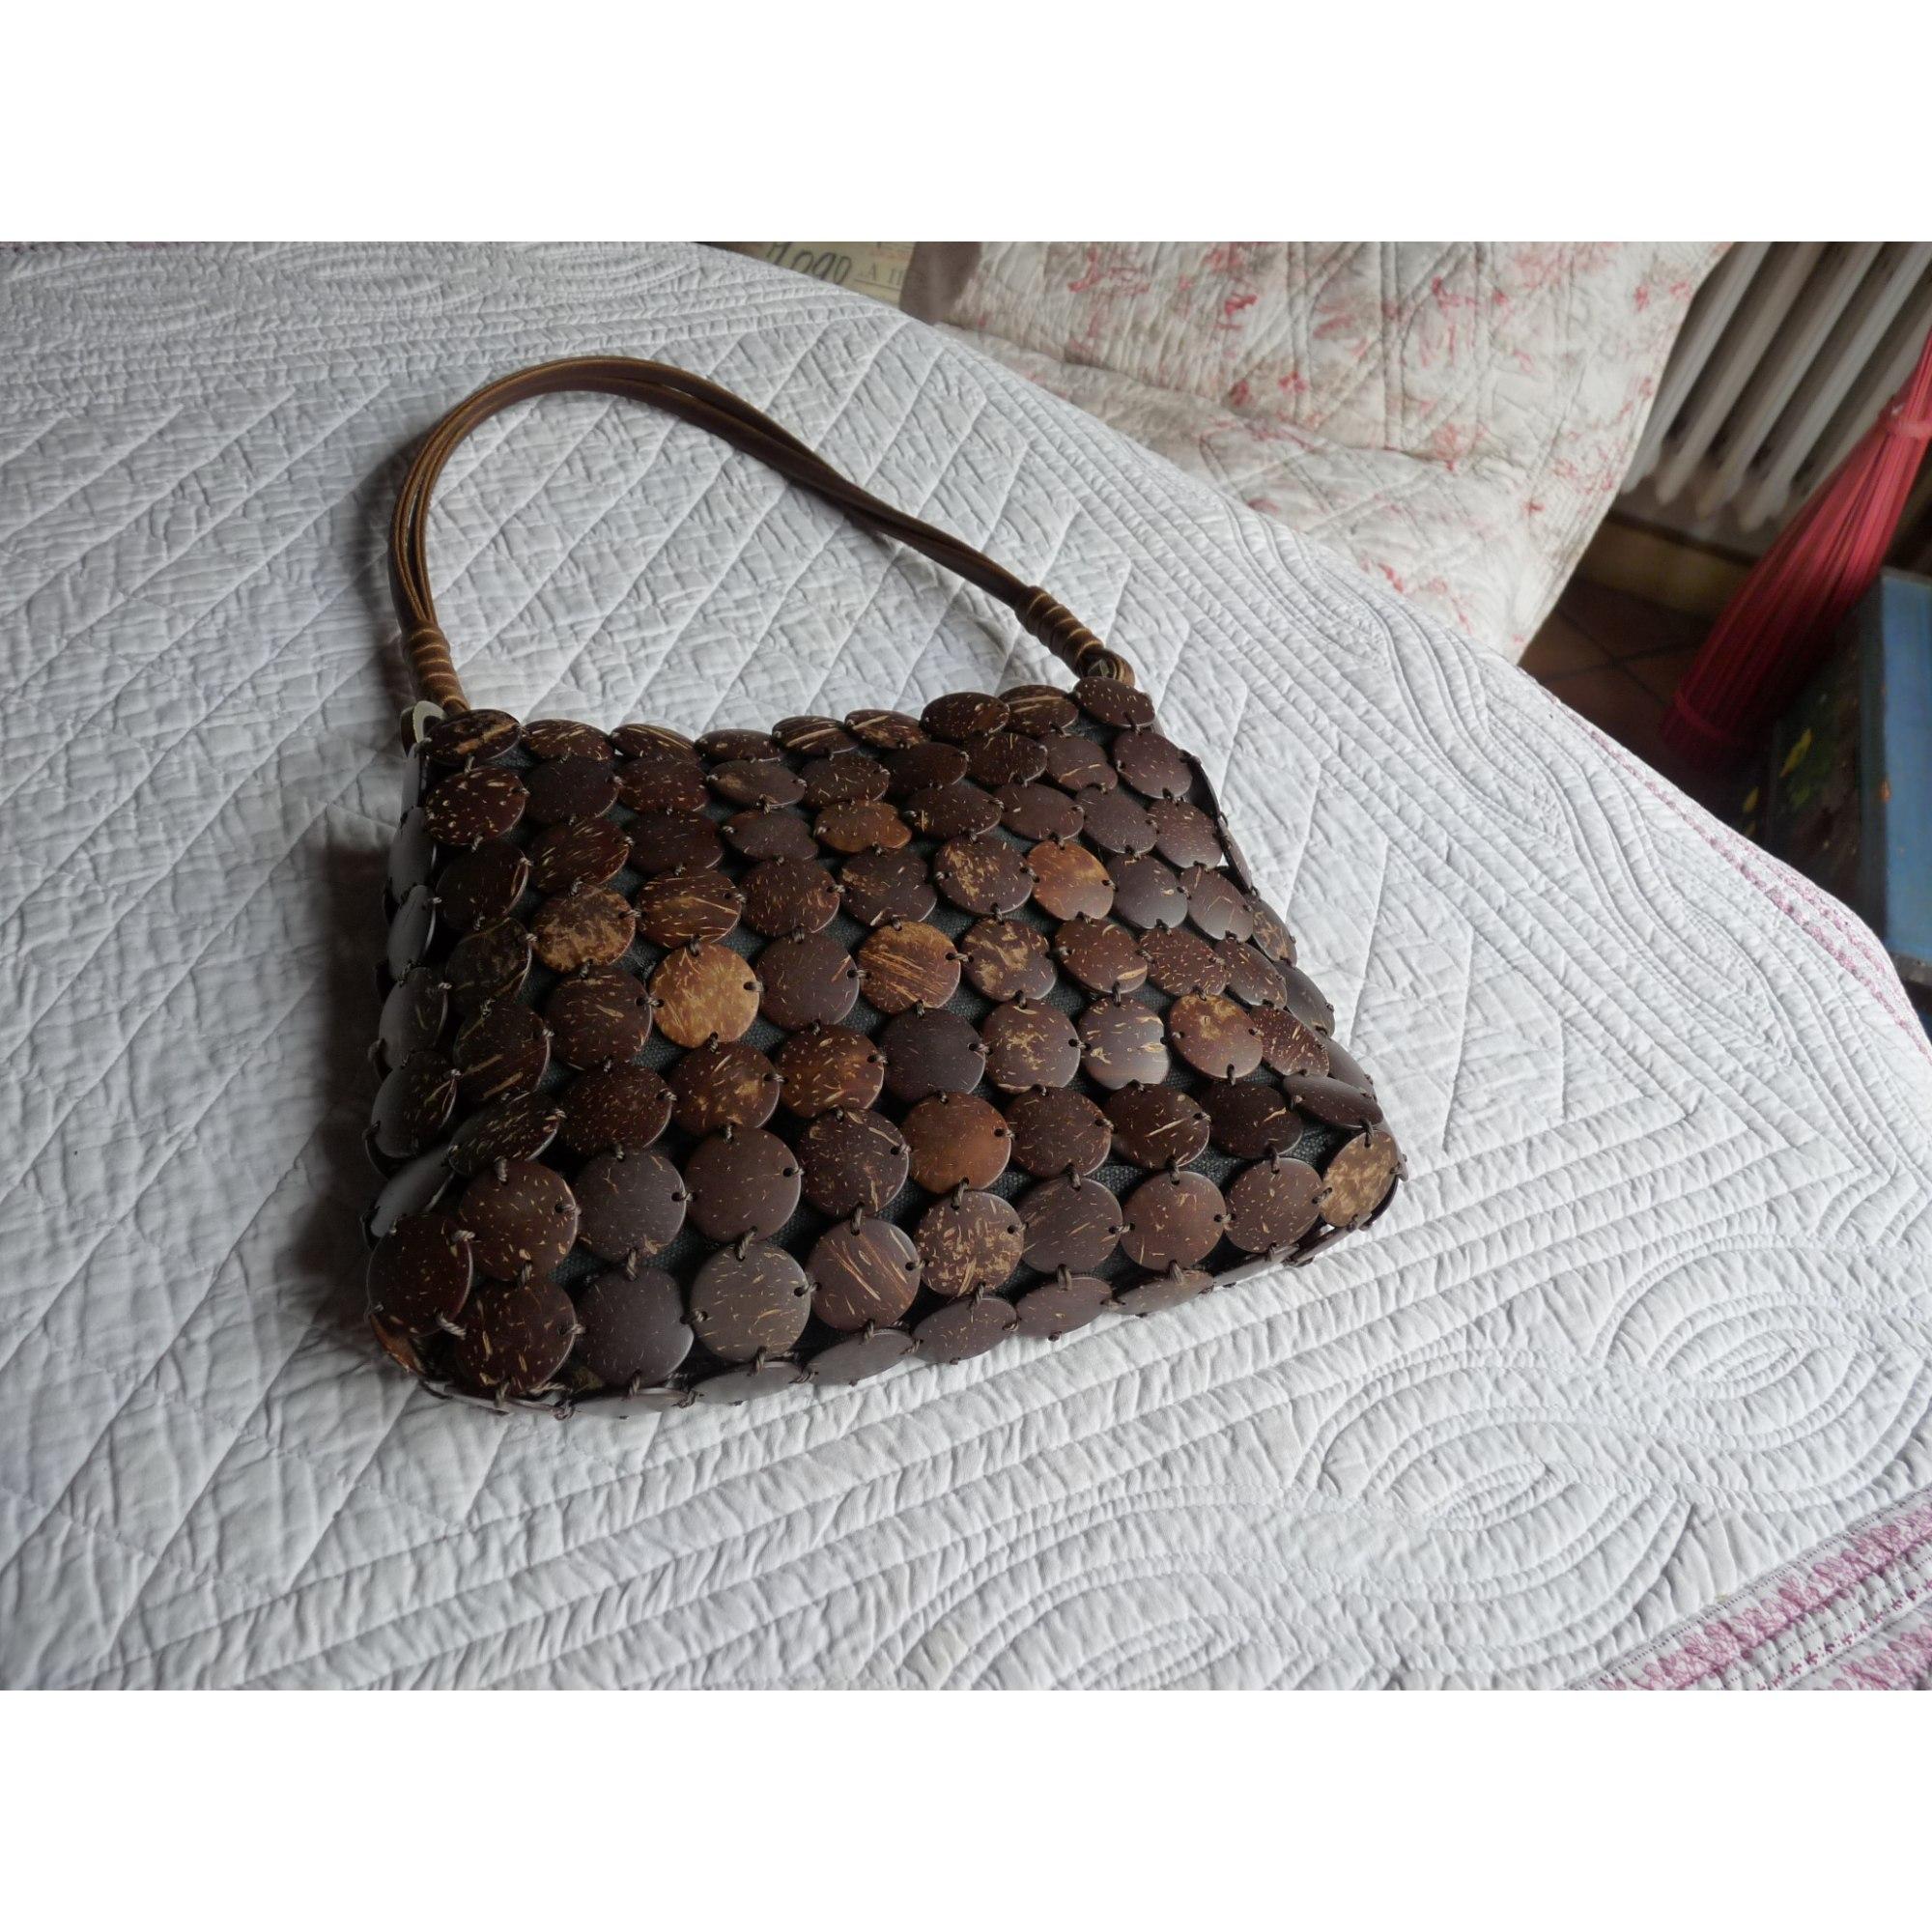 01b62de63c Sac à main en tissu CAROLL marron vendu par Suzon135373 - 3611643